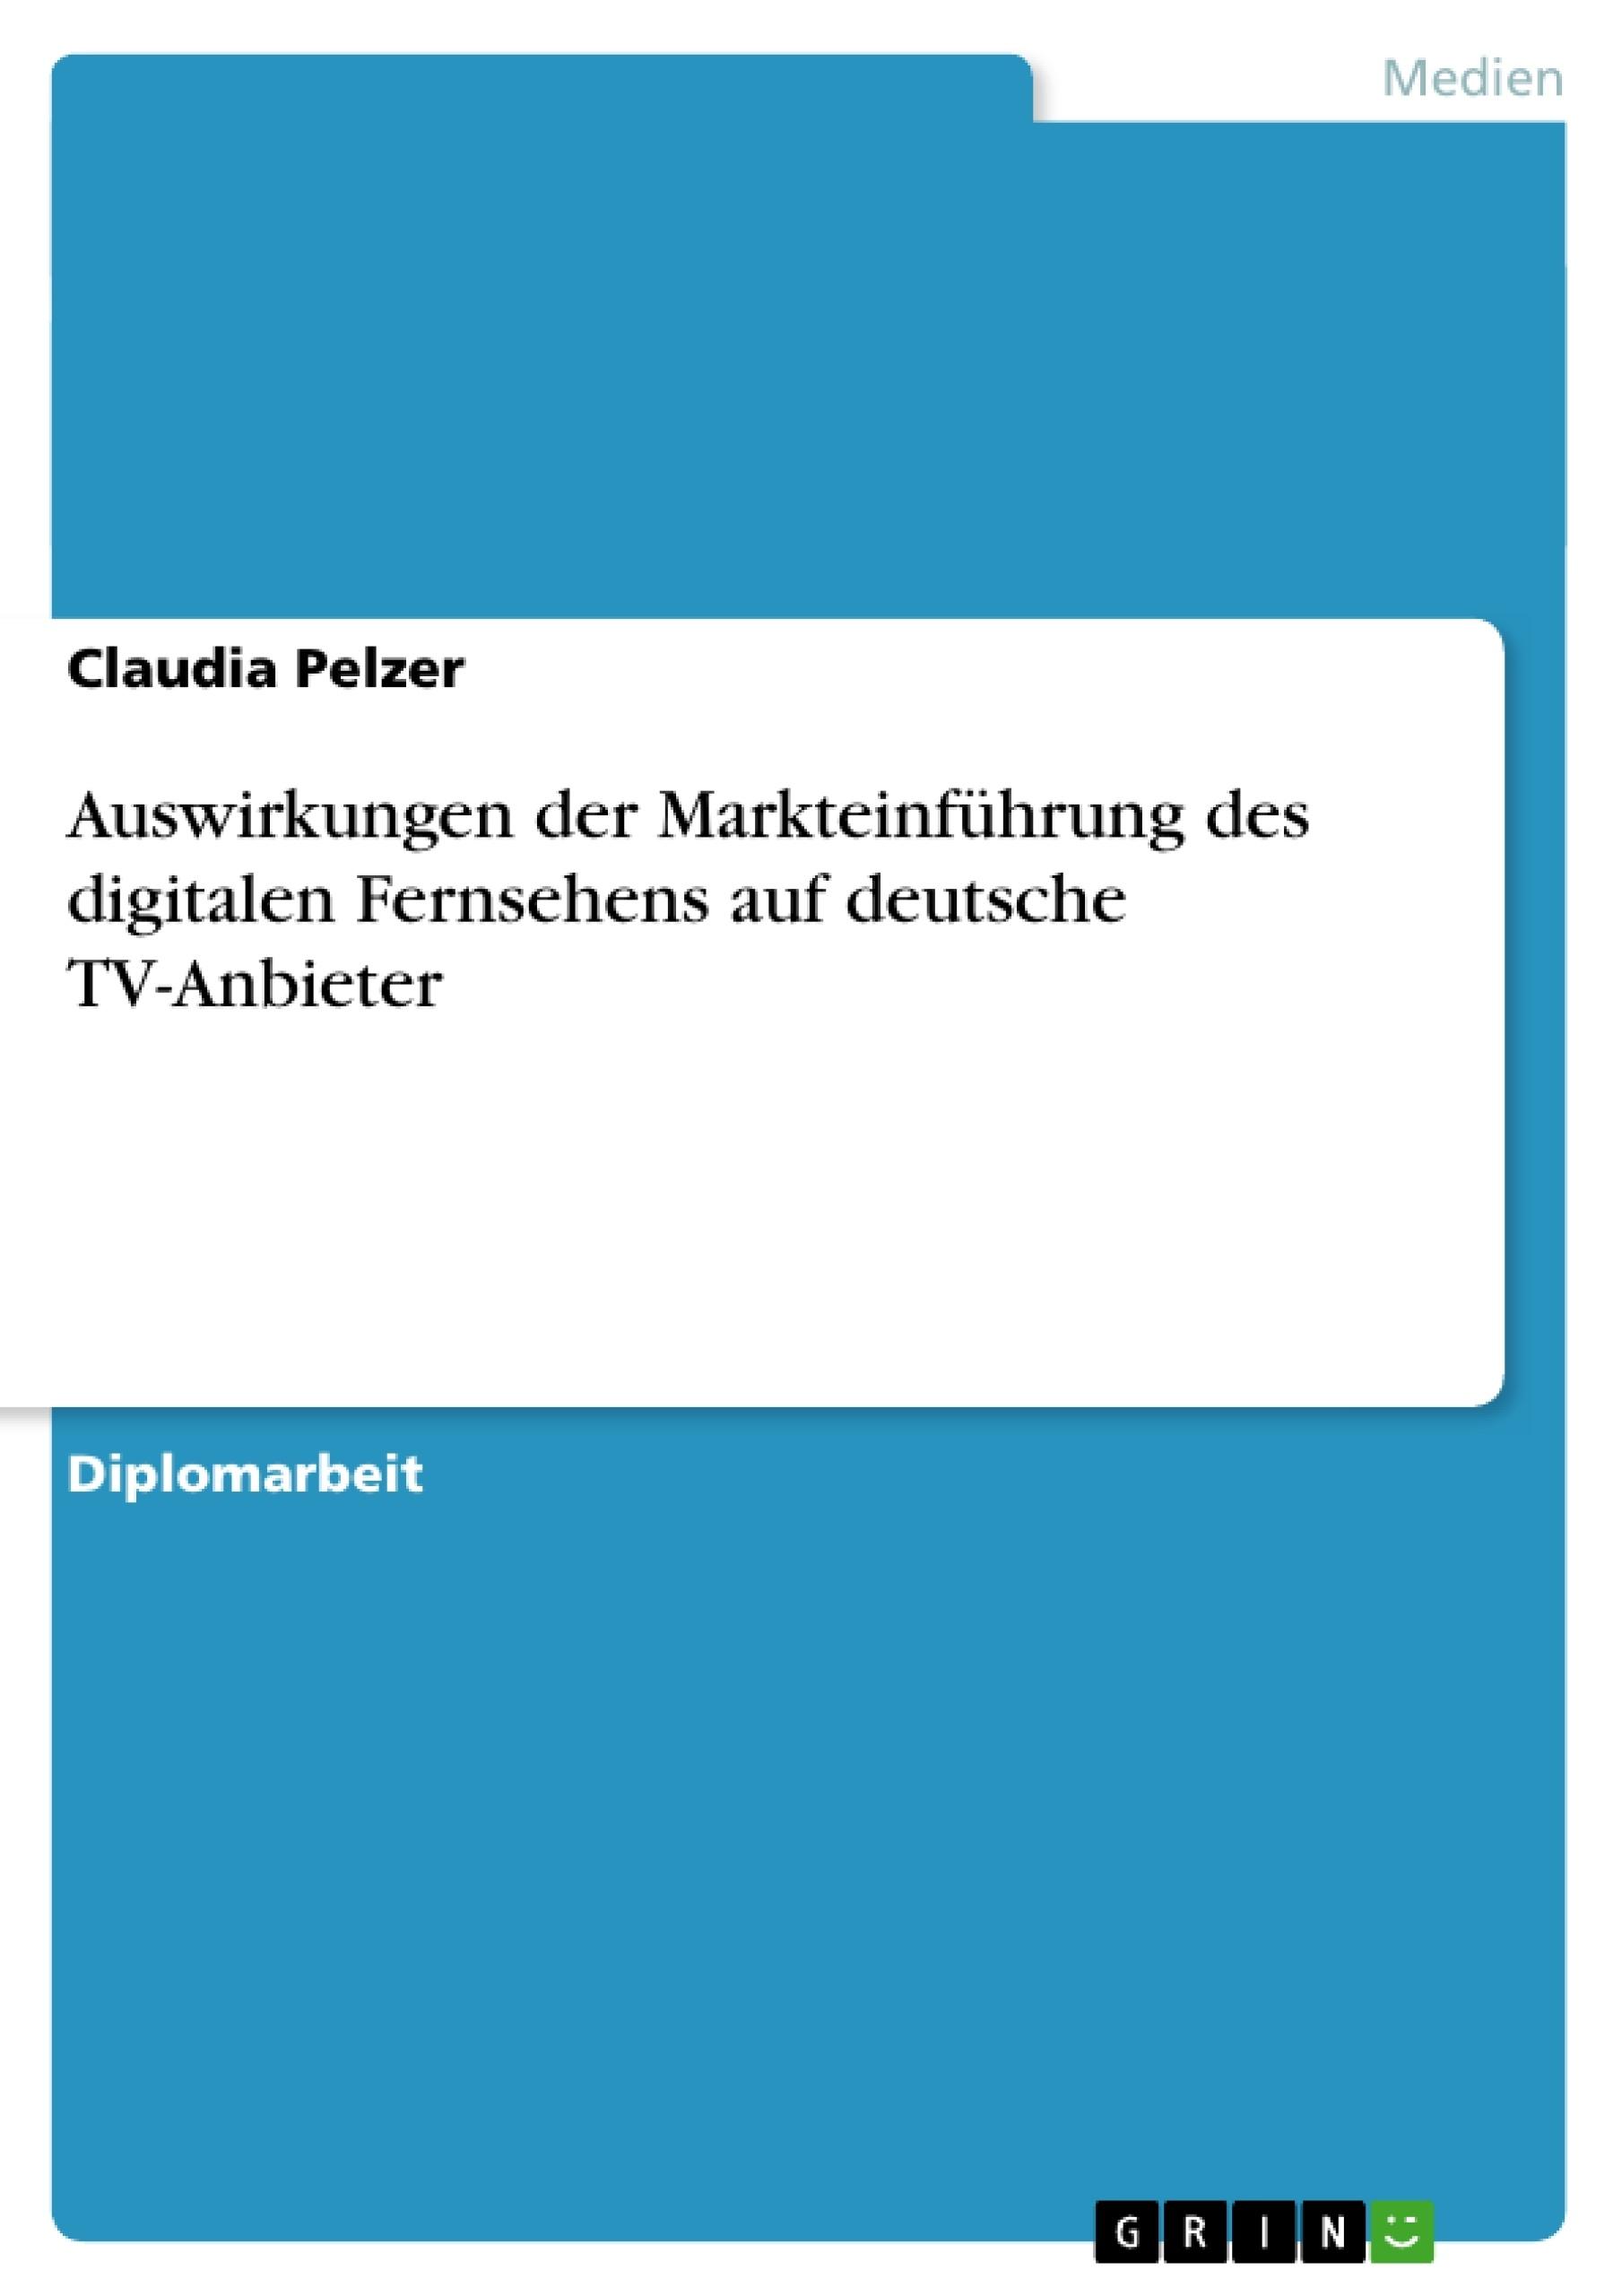 Titel: Auswirkungen der Markteinführung des digitalen Fernsehens auf deutsche TV-Anbieter